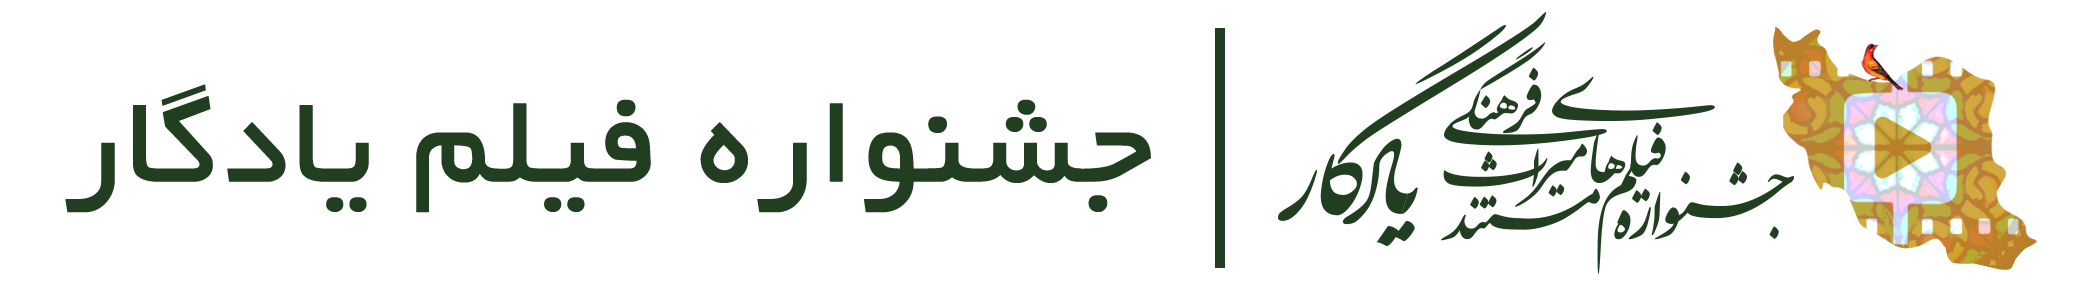 جشنواره فیلمهای مستند میراث فرهنگی یادگار